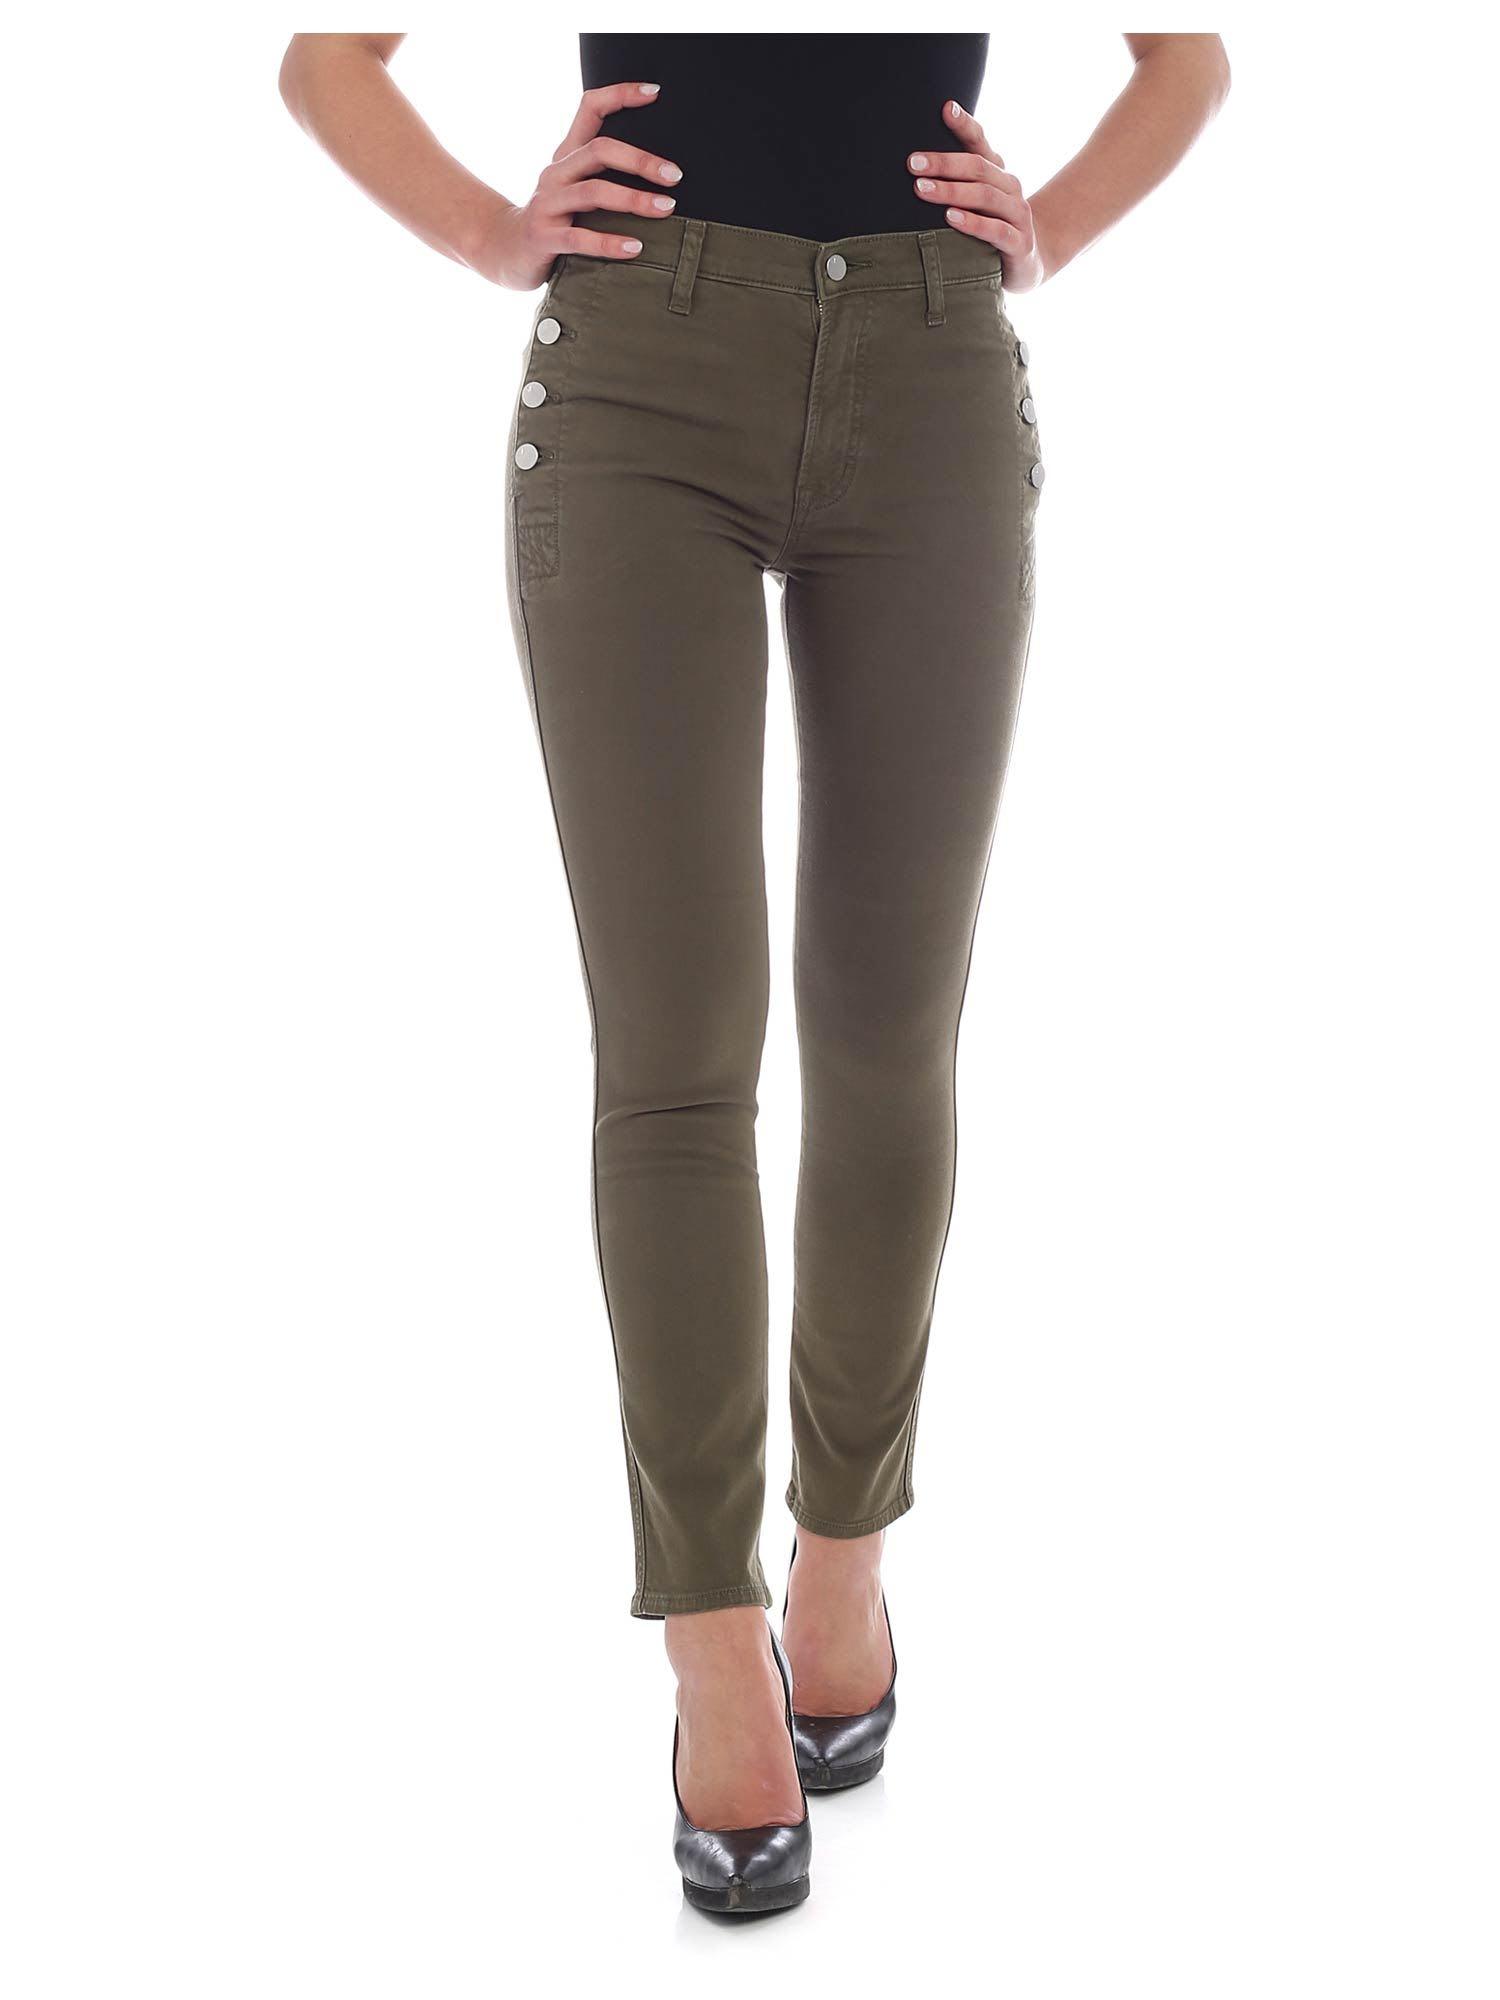 Jbrand - Zoie Jeans